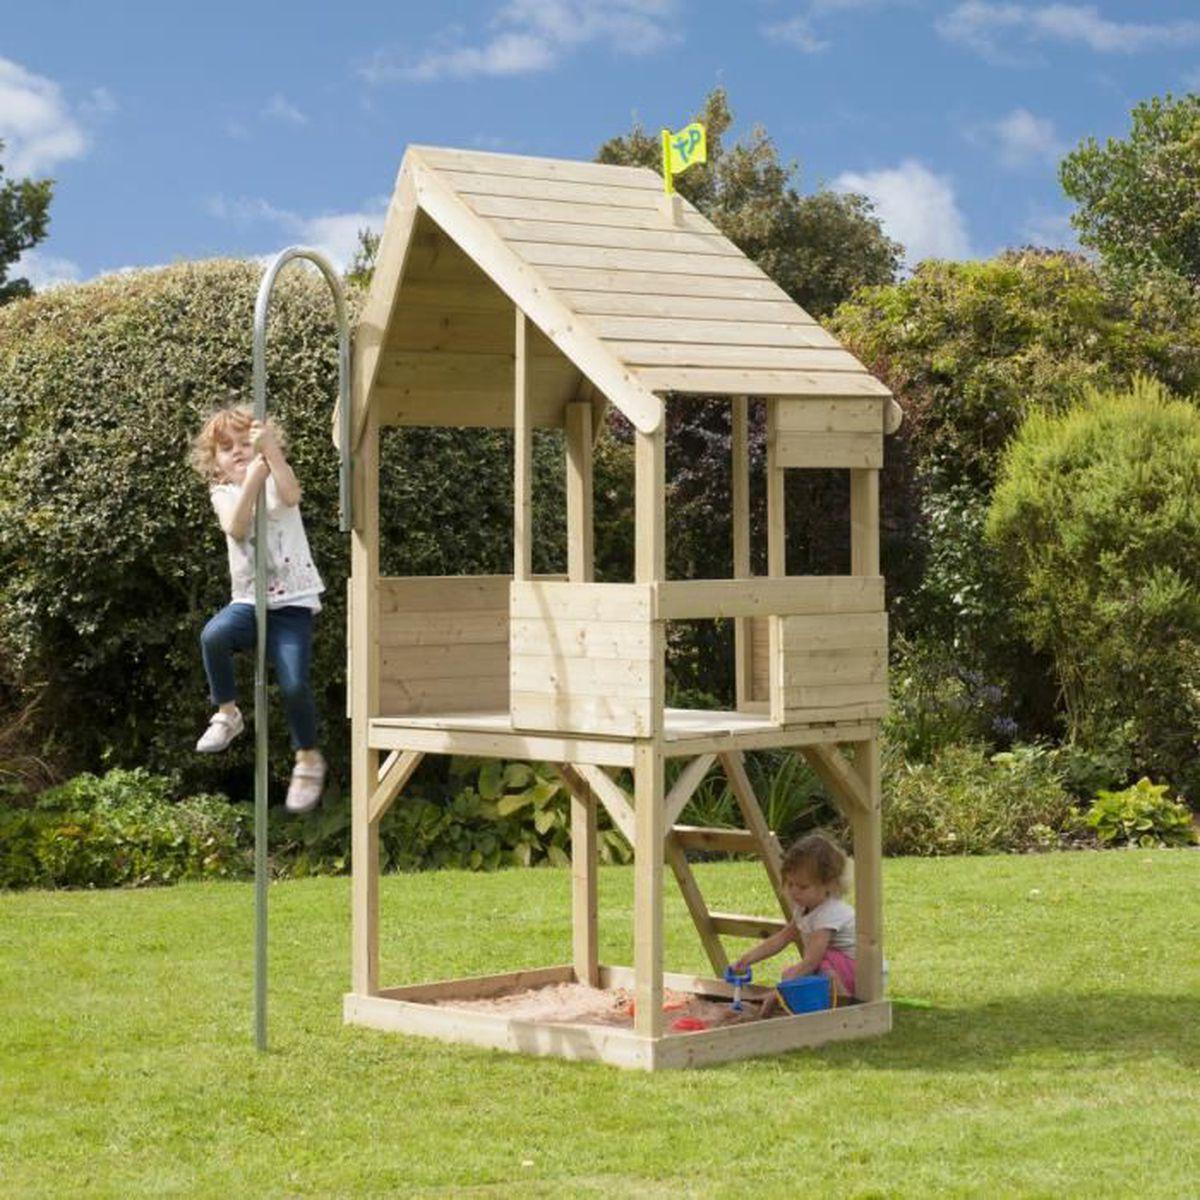 Maison enfant en bois outdoor toys tp chalet achat for Maison plein air enfant